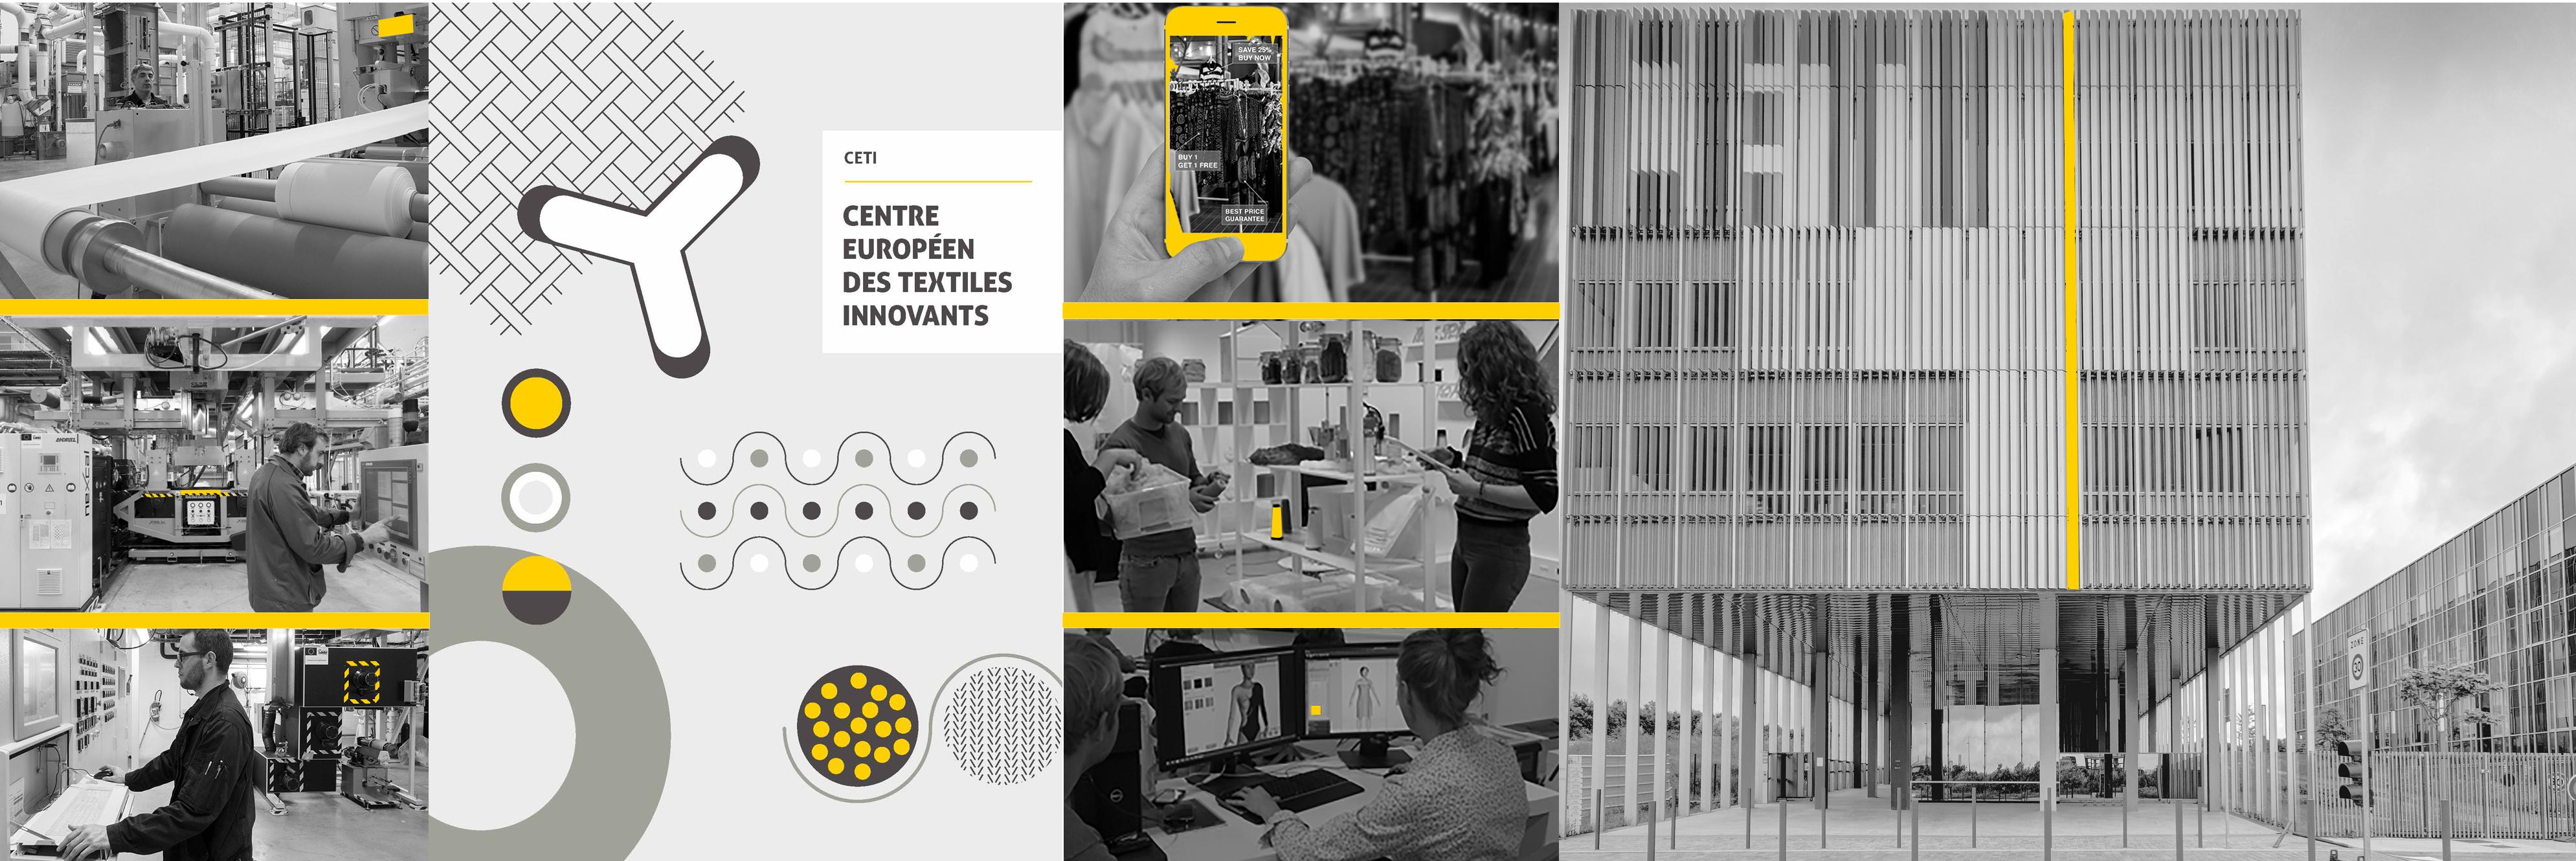 CETI Centre Européen des Textiles Innovants